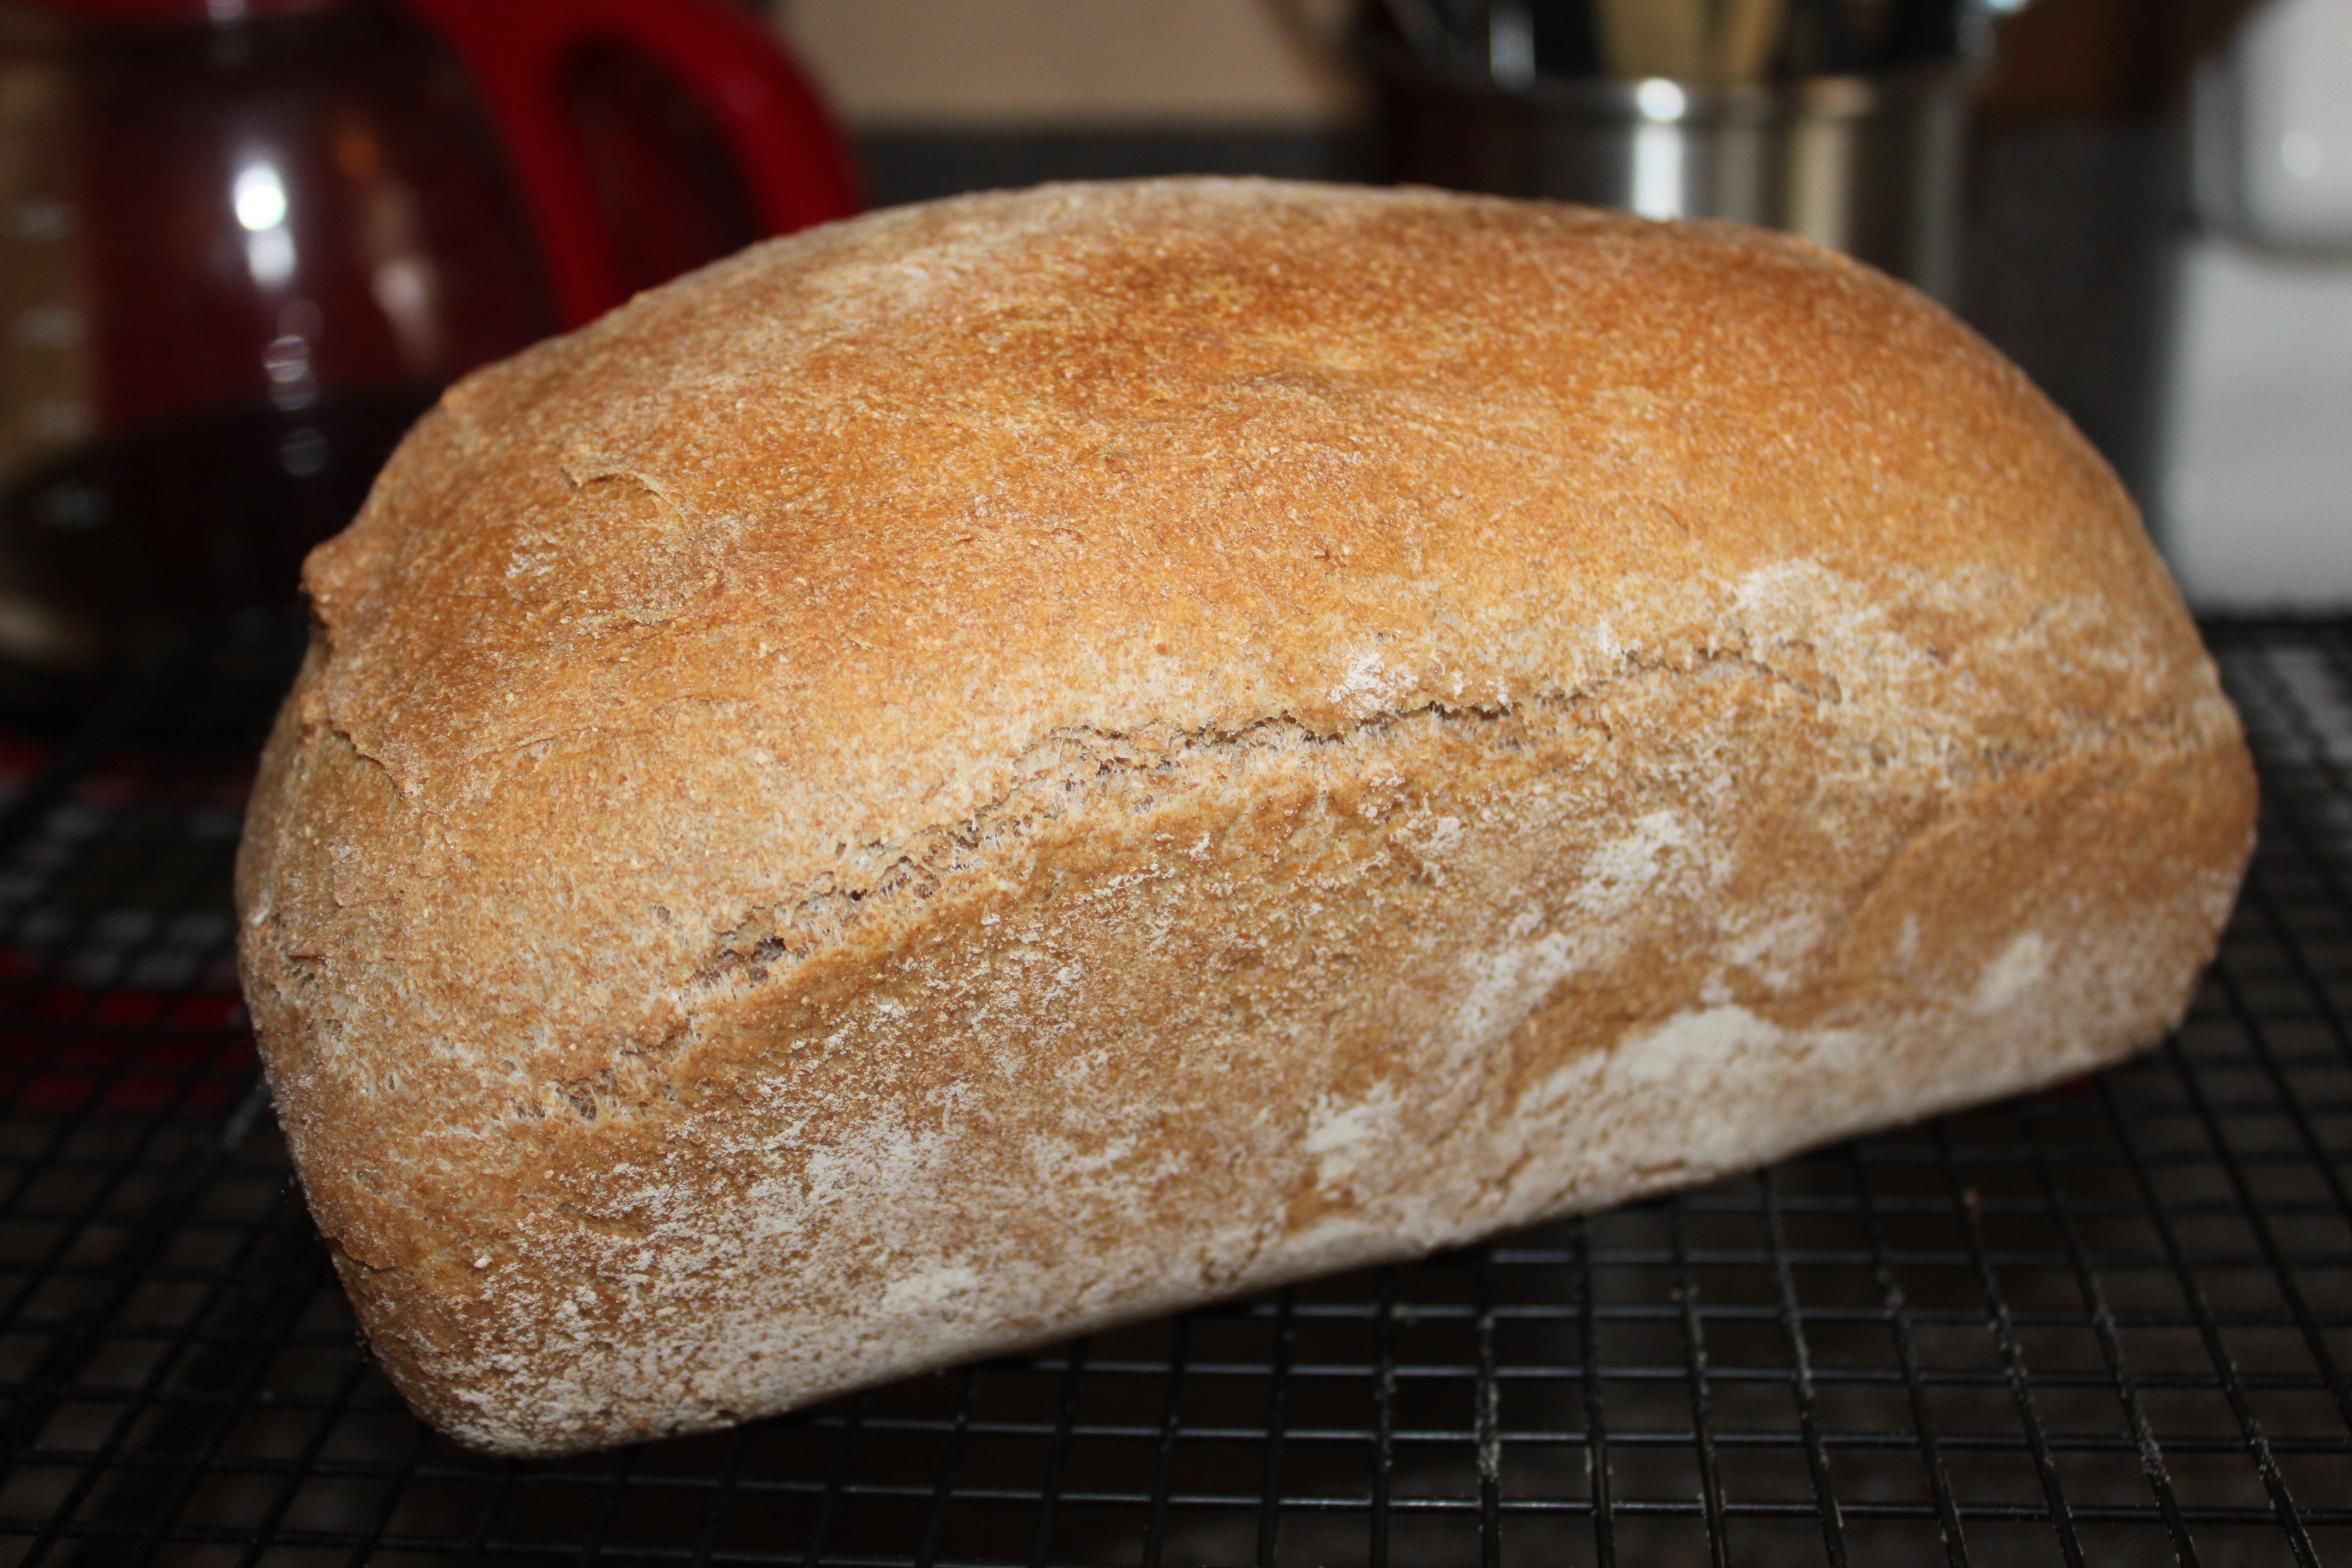 100% Whole Grain Wheat Bread Recipe - Old World Garden Farms